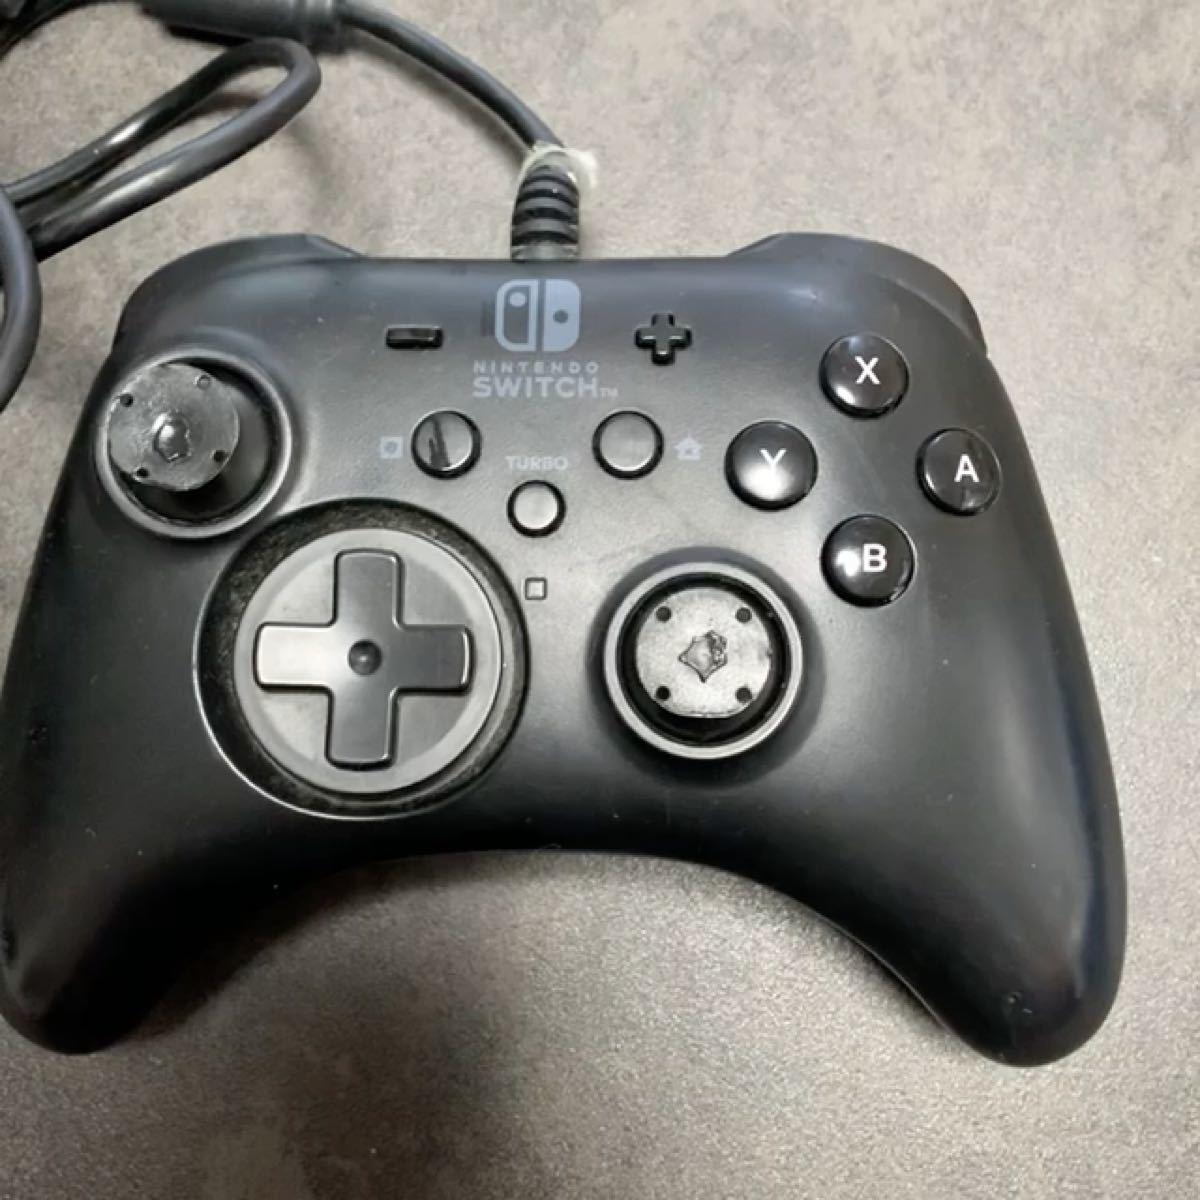 【ジャンク品】 動作しません 【箱・説明書なし】Nintendo Switchコントローラー 任天堂 有線コントローラー